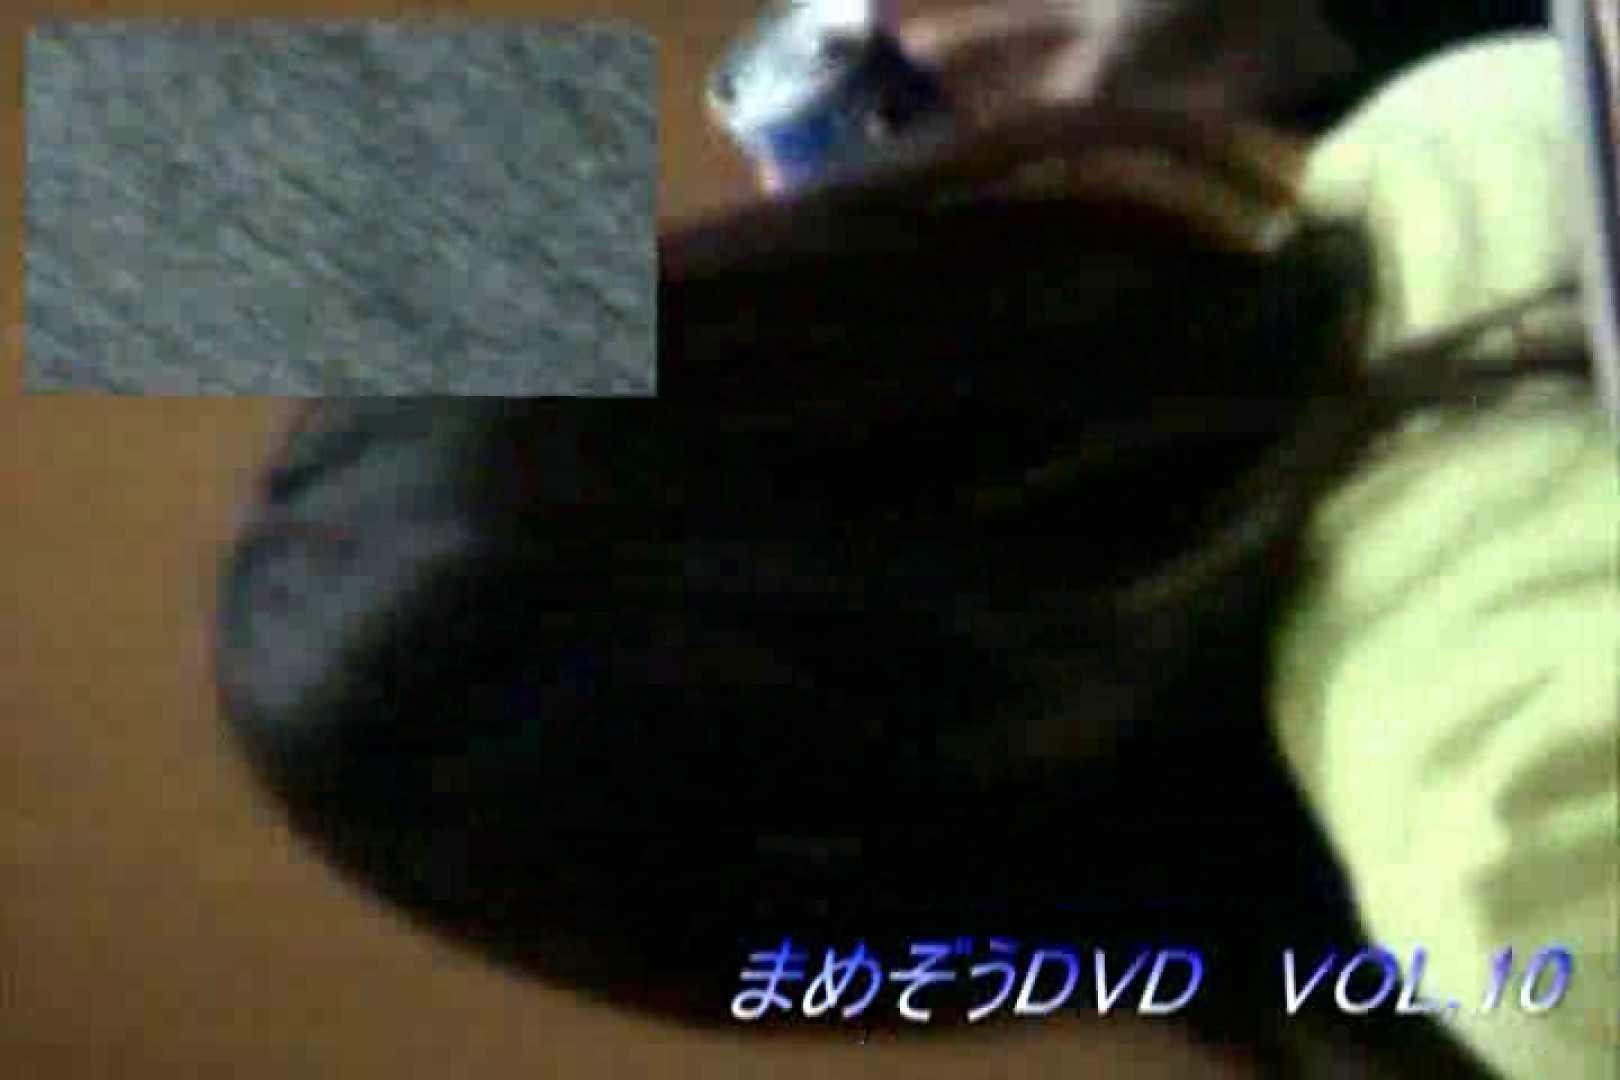 まめぞうDVD完全版VOL.10 ギャル  64pic 21